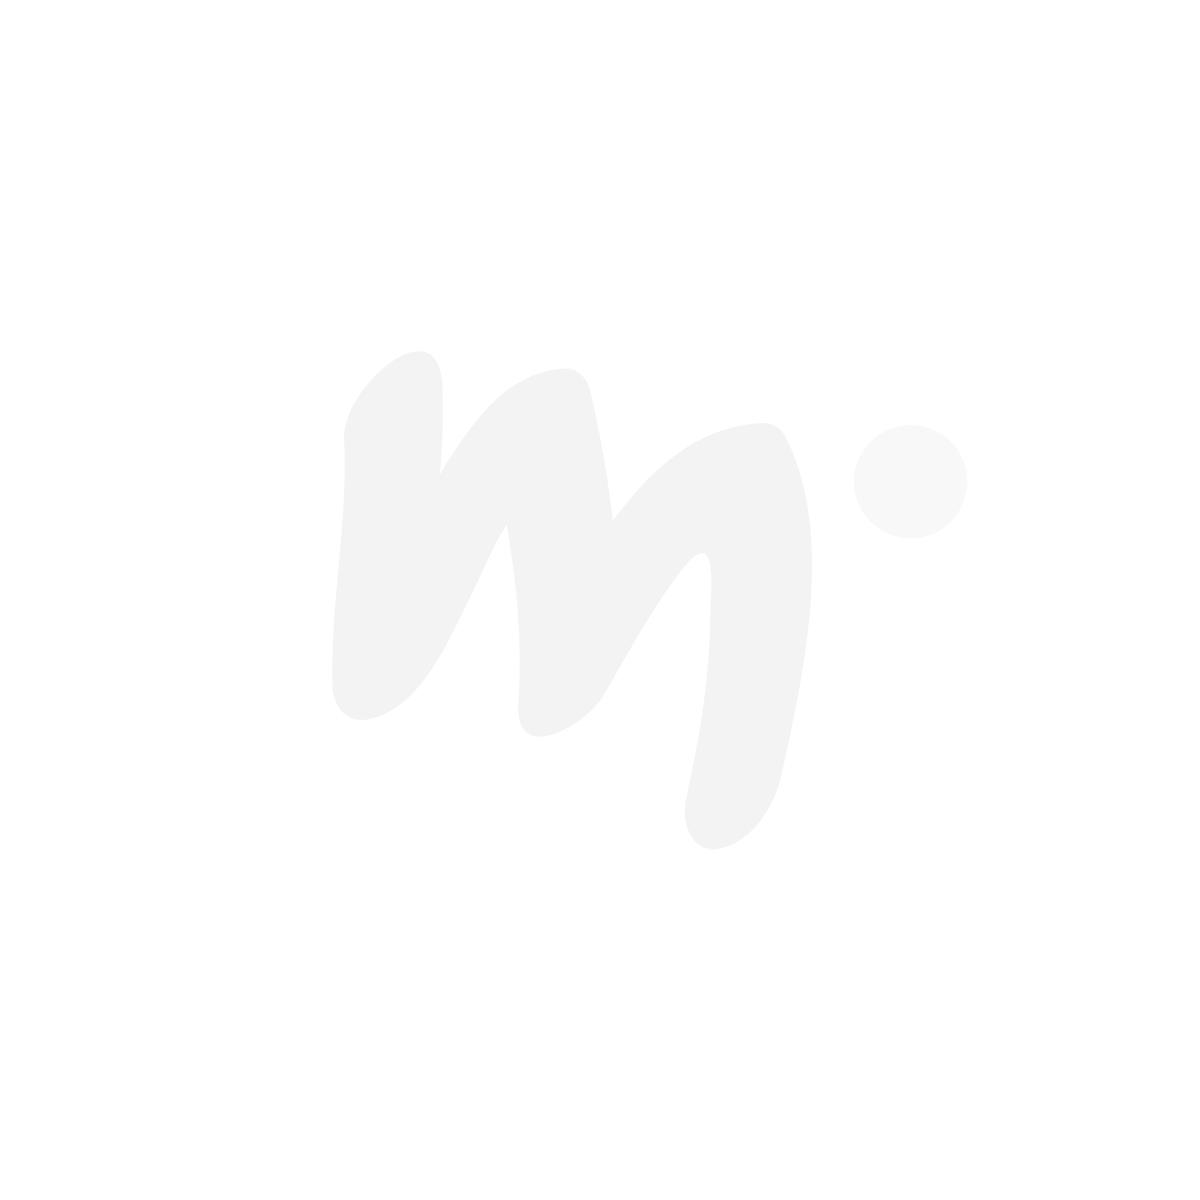 Moomin Foamy Pal 1